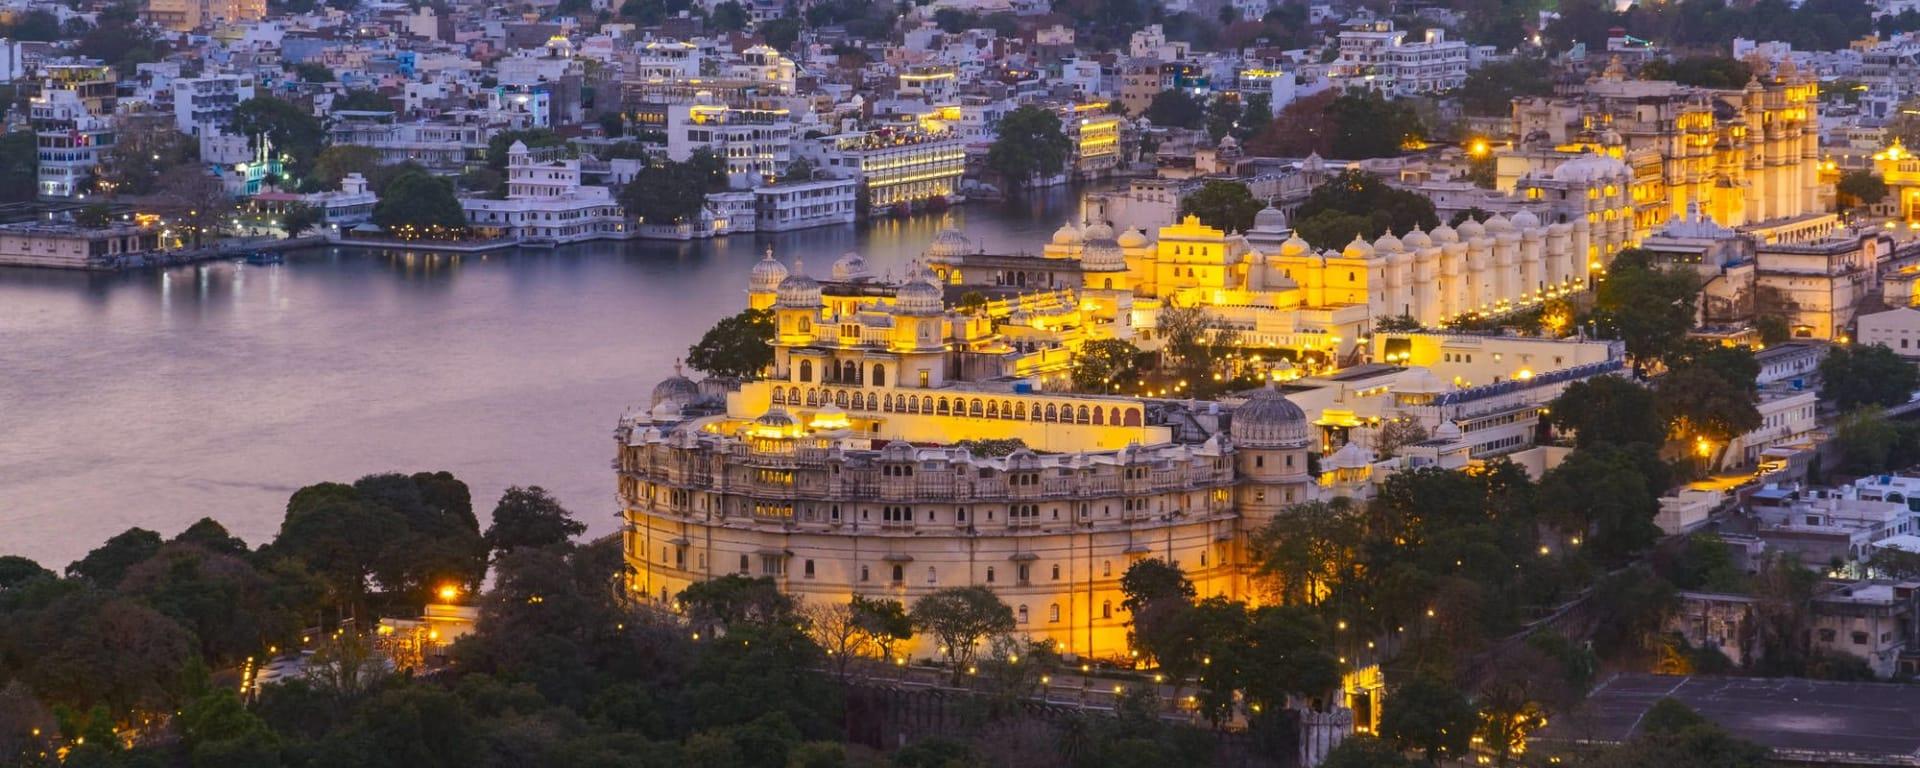 L'Inde pour les fins connaisseurs de Delhi: Udaipur City with Lake Pichola